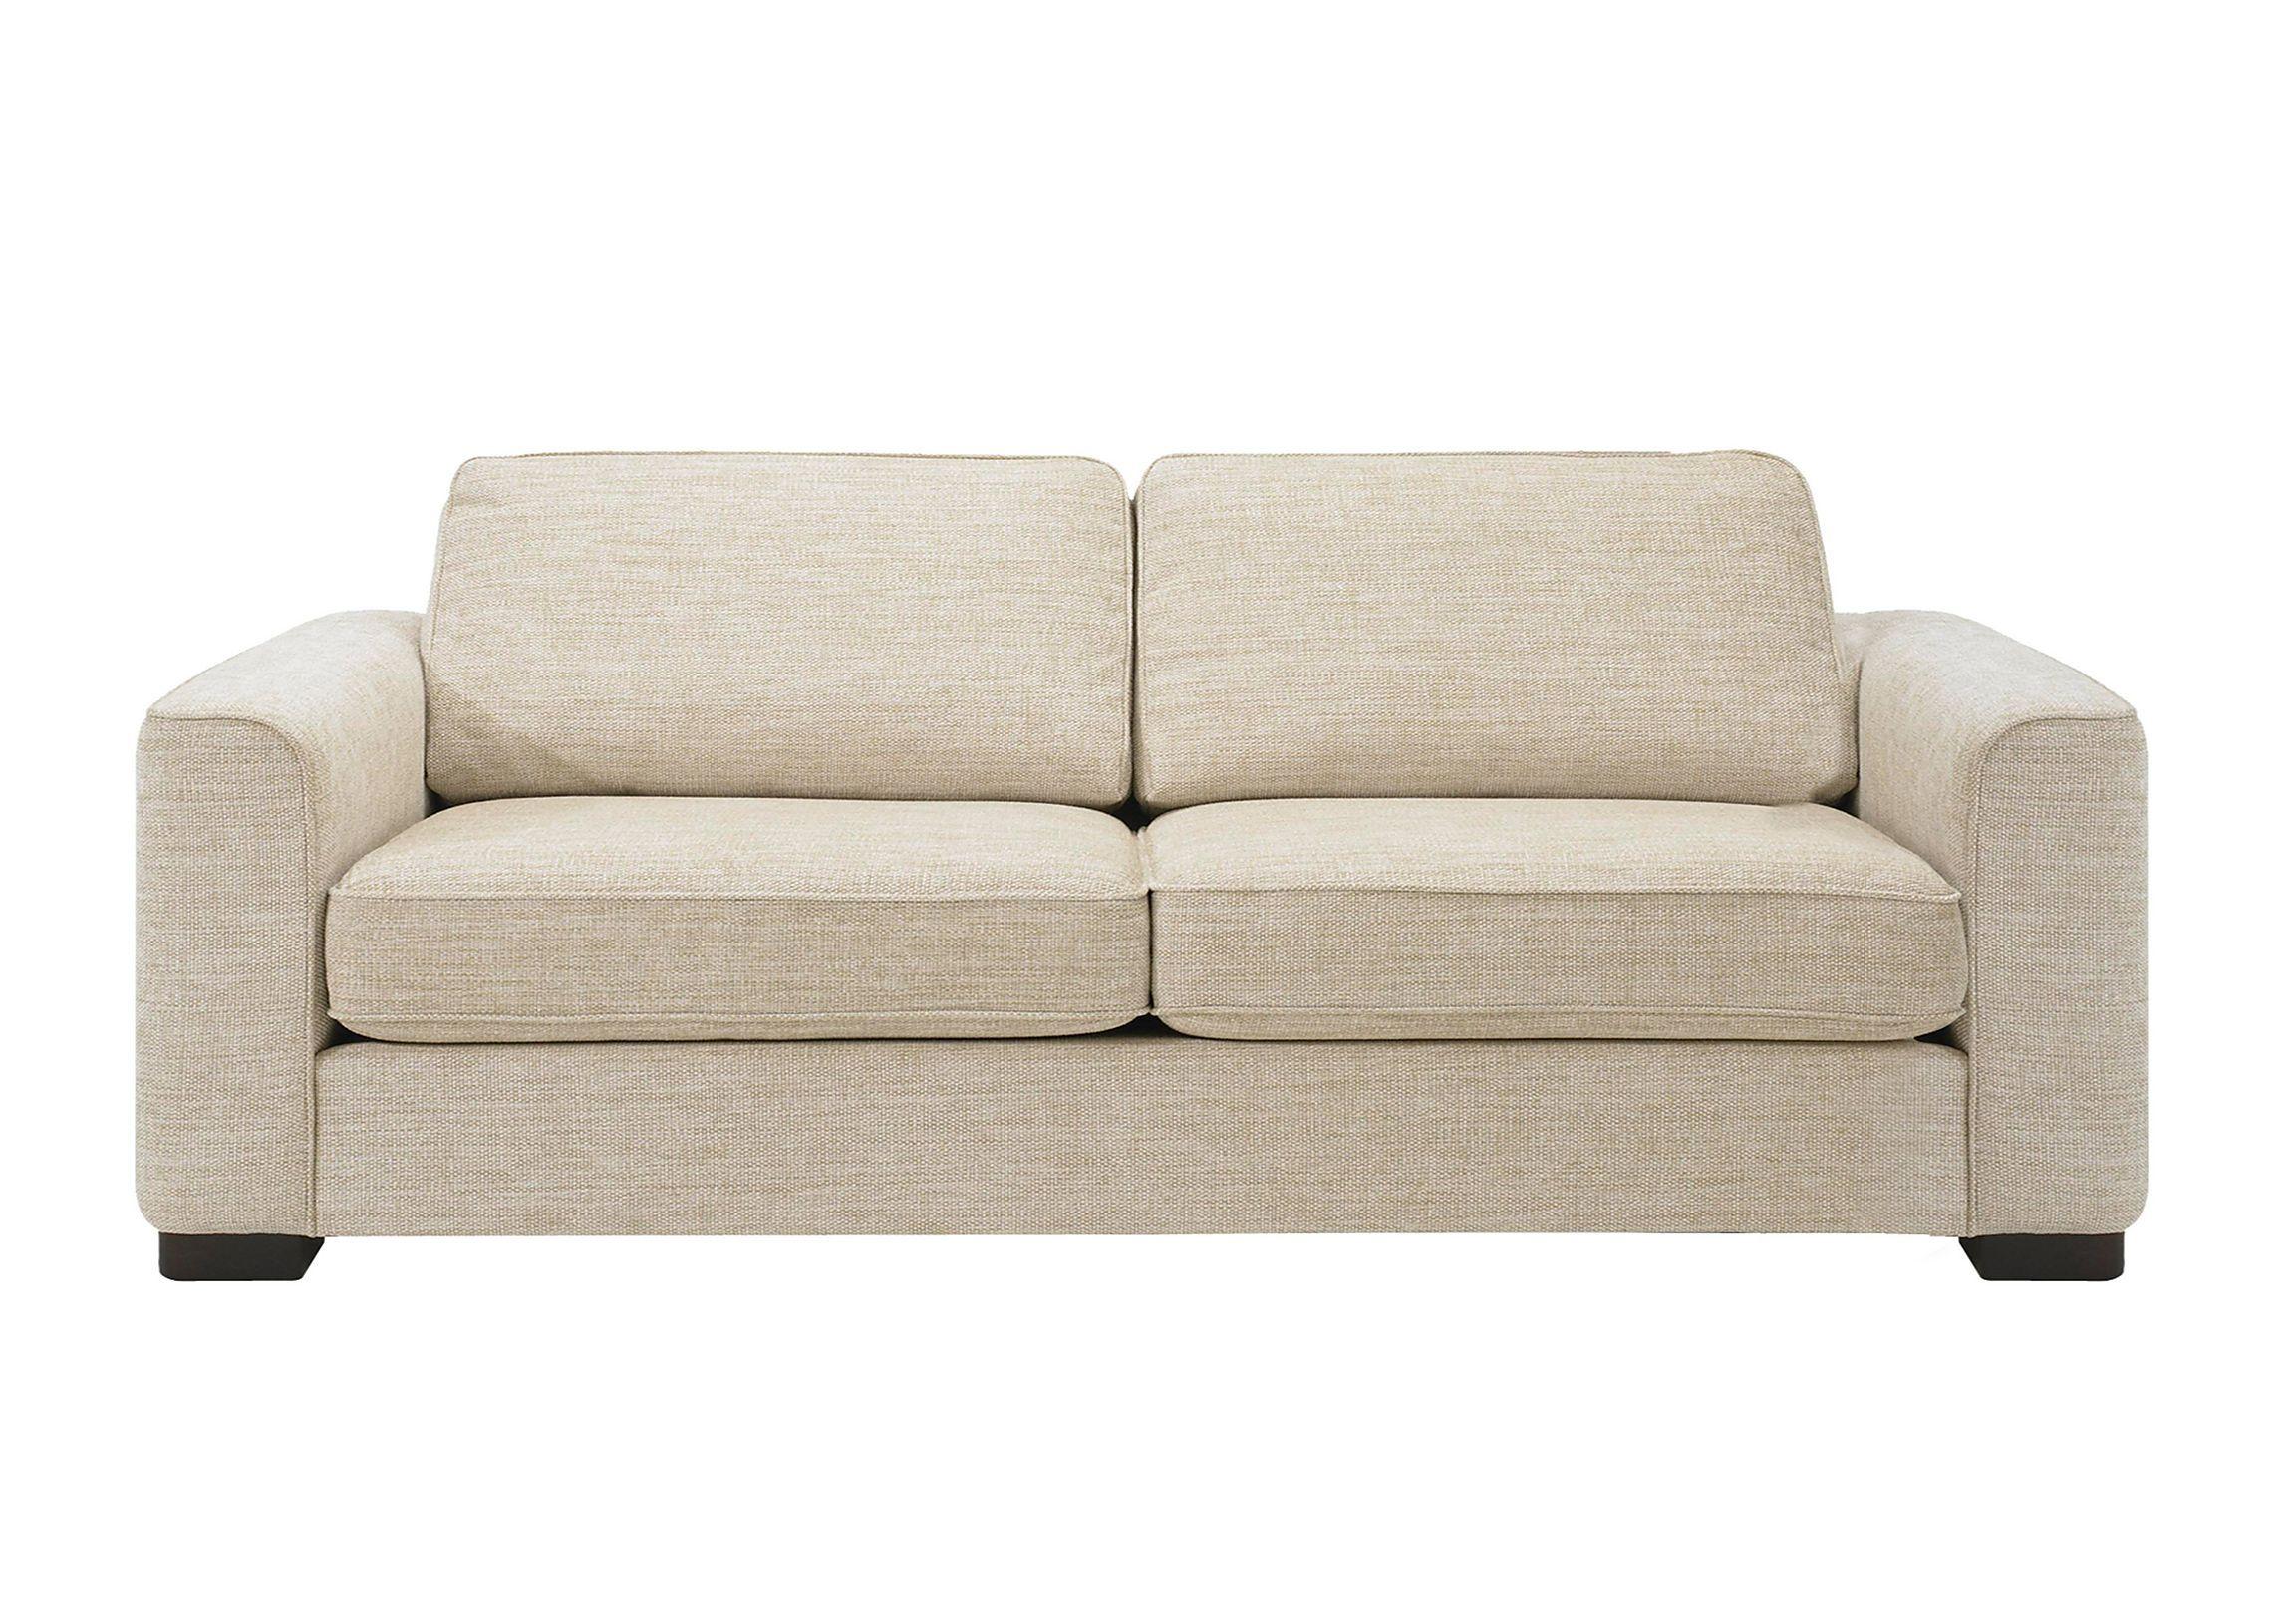 Eleanor 3 Seater Fabric Sofa Fabric Sofa Leather Sofa Italian Leather Sofa